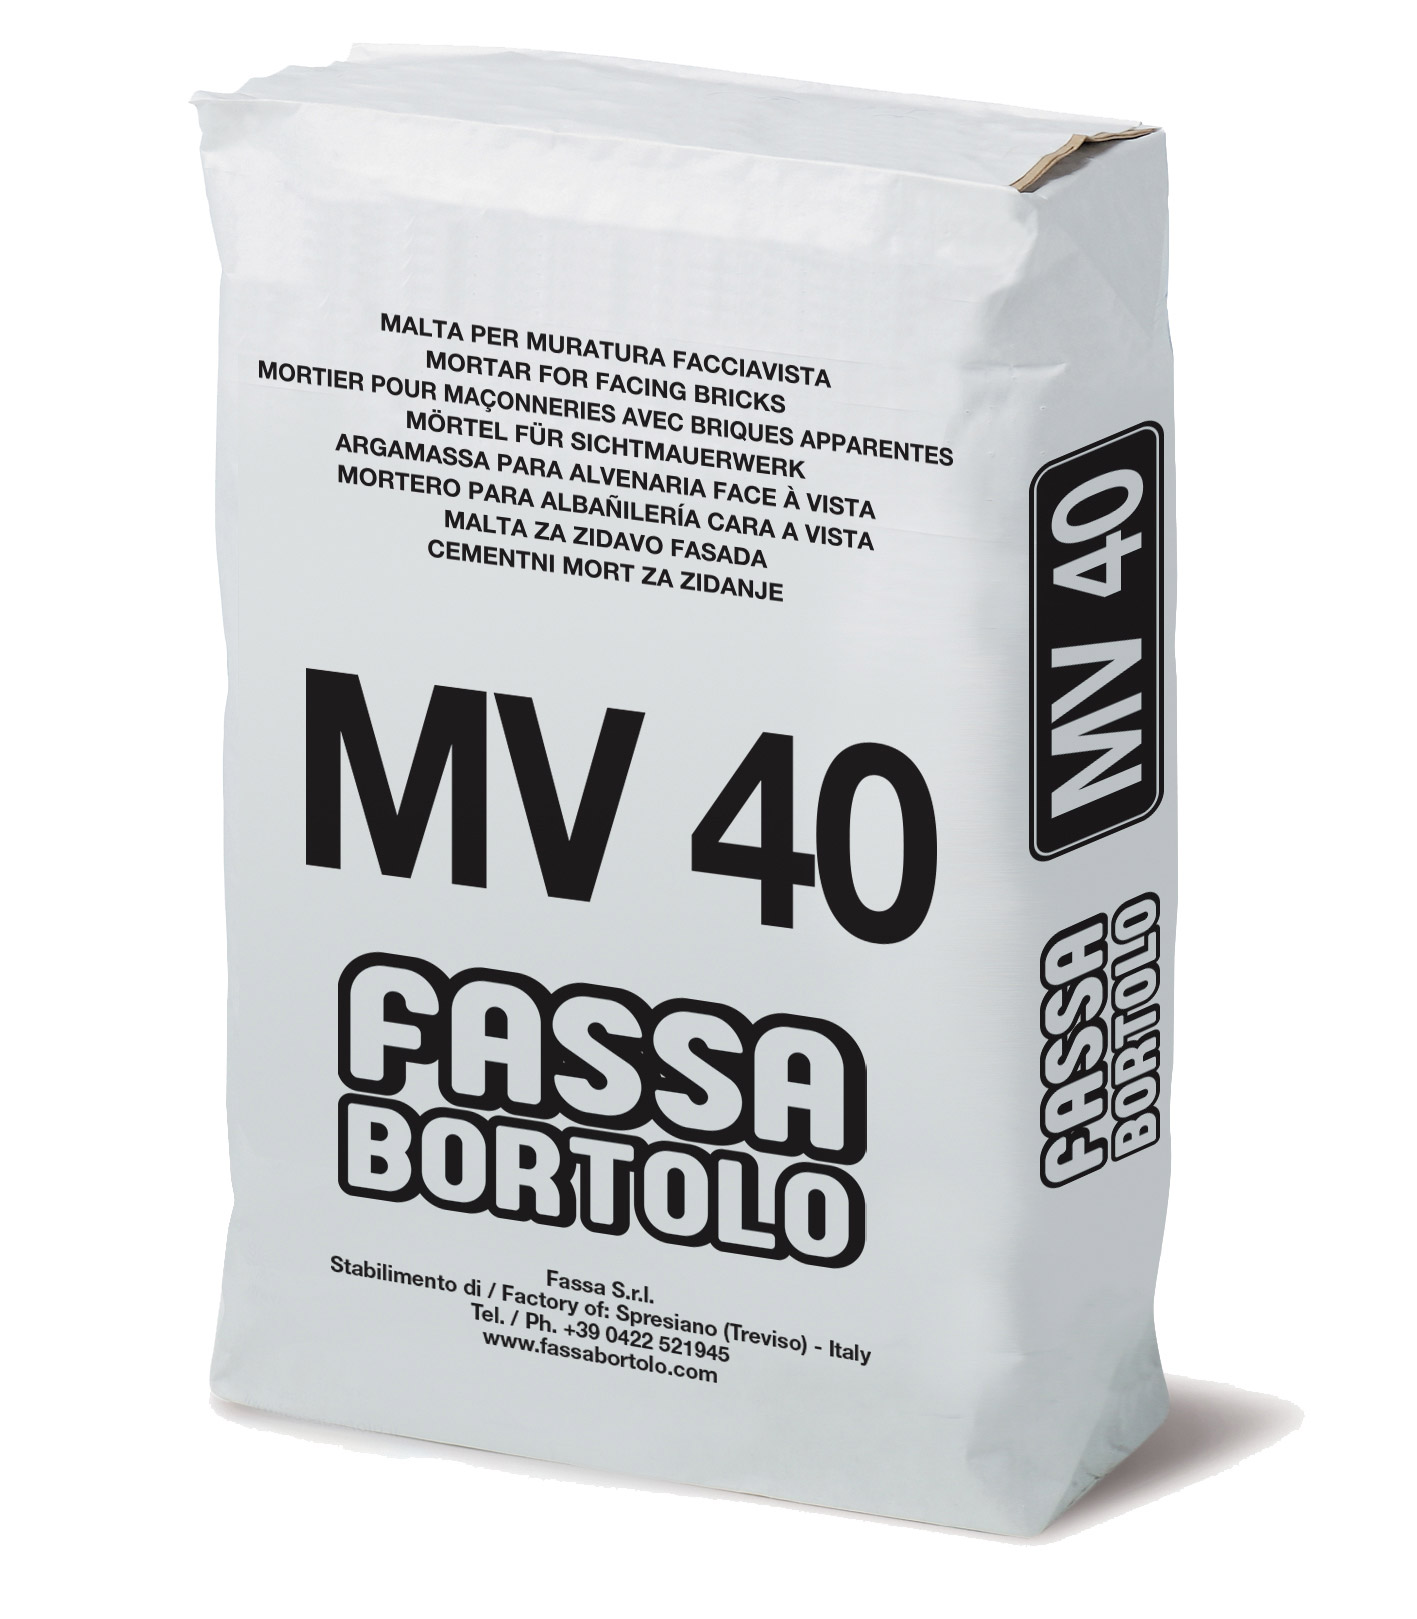 MV 40: Malta per muratura faccia a vista a base di calce e cemento per interni ed esterni